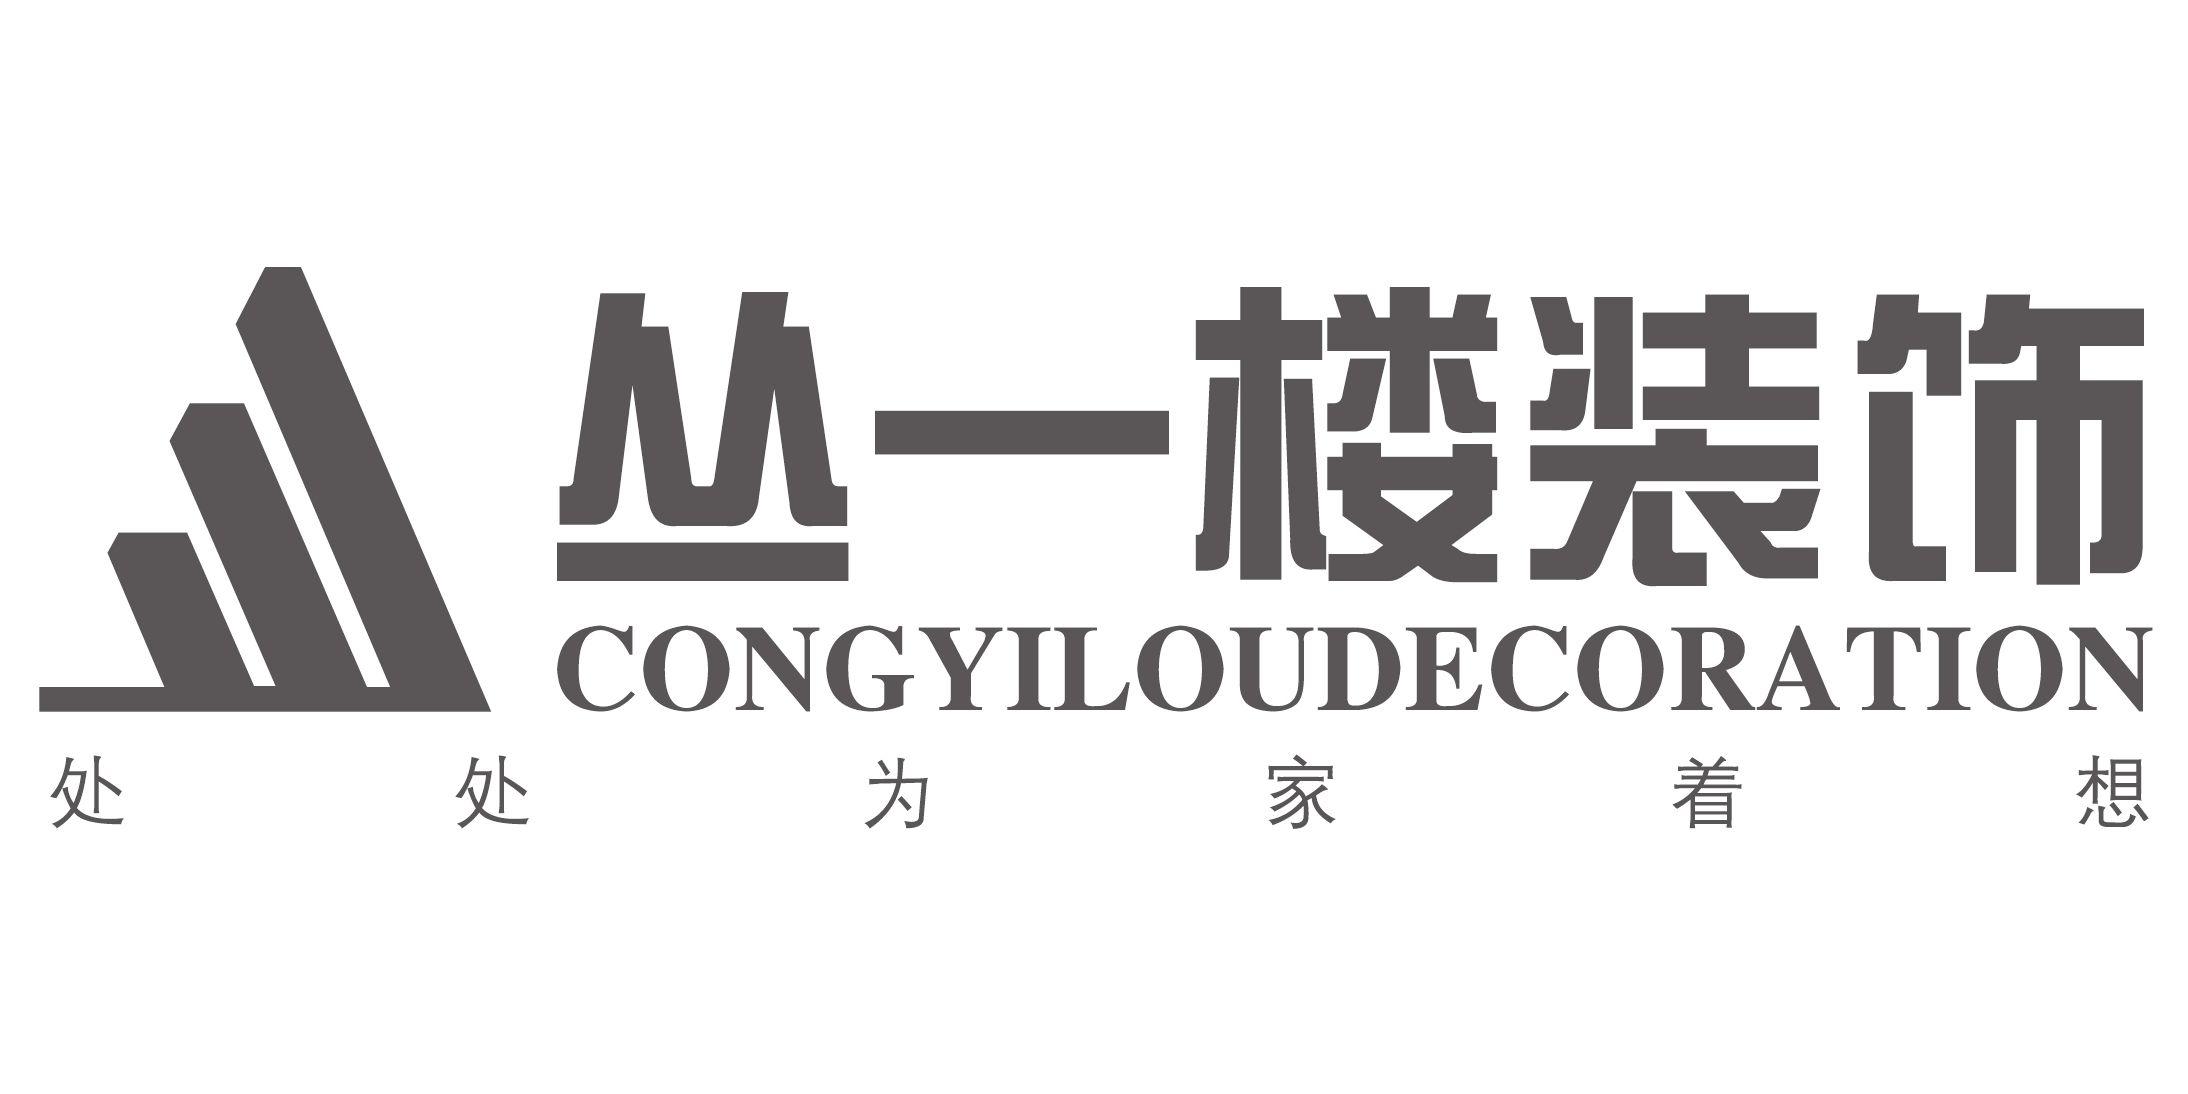 江西省丛一楼装饰工程有限公司九江分公司